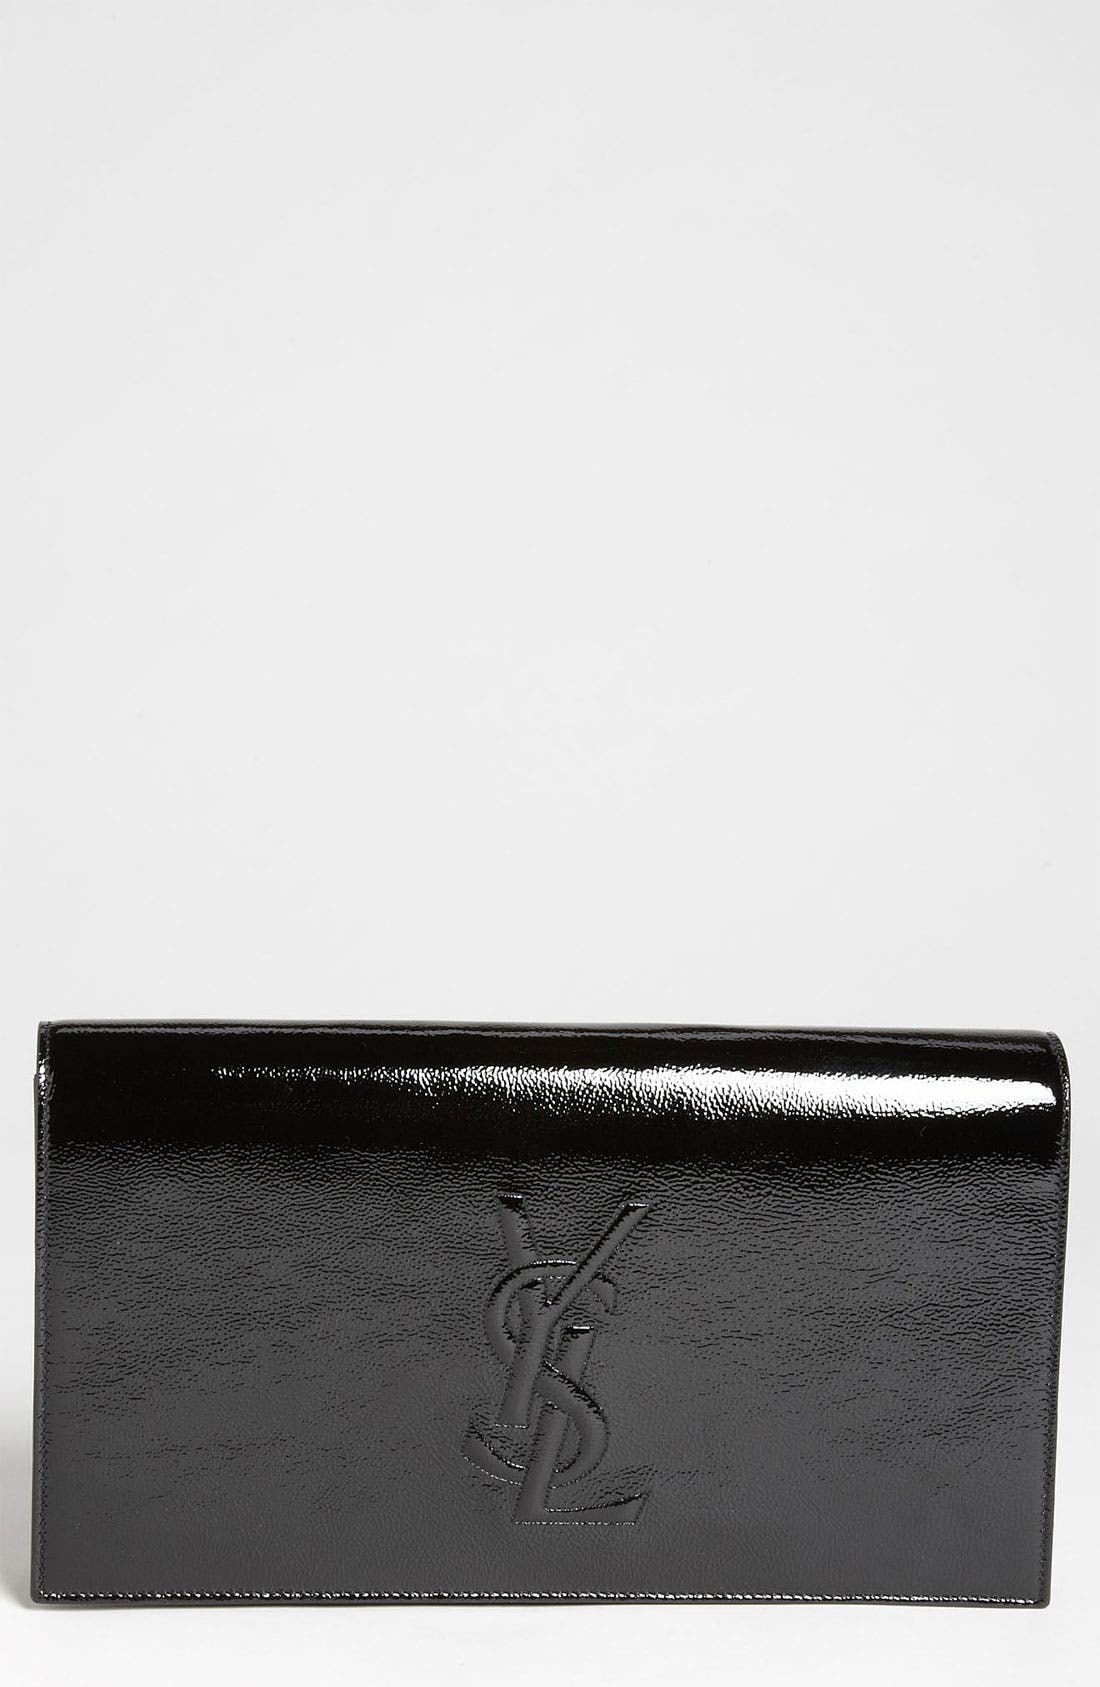 Main Image - Saint Laurent 'Belle de Jour' Patent Leather Clutch